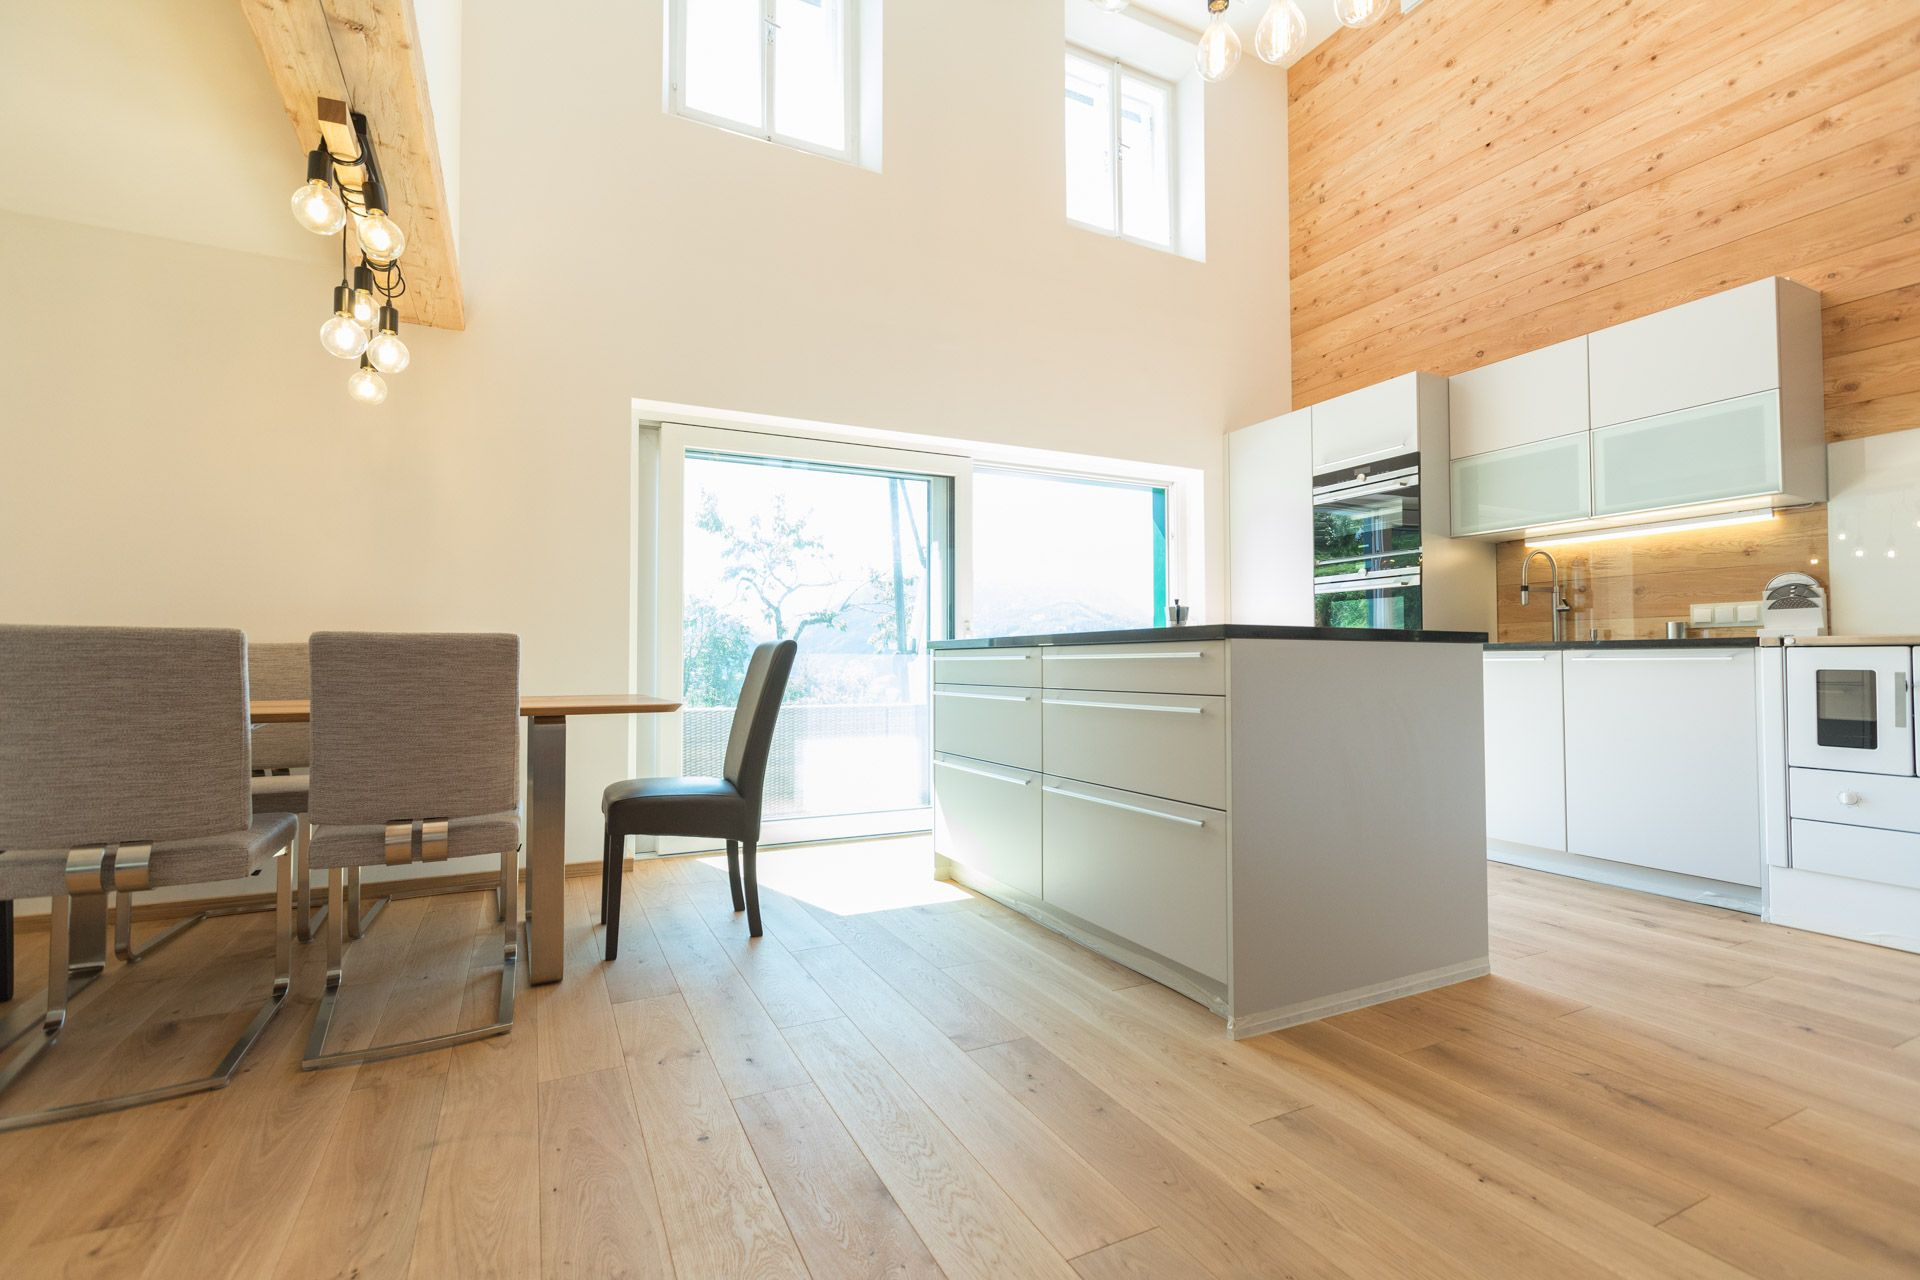 Appealing Küche Boden Ideas Of Weiss Naturholzdielen - Für Ein Gutes Wohngefühl.